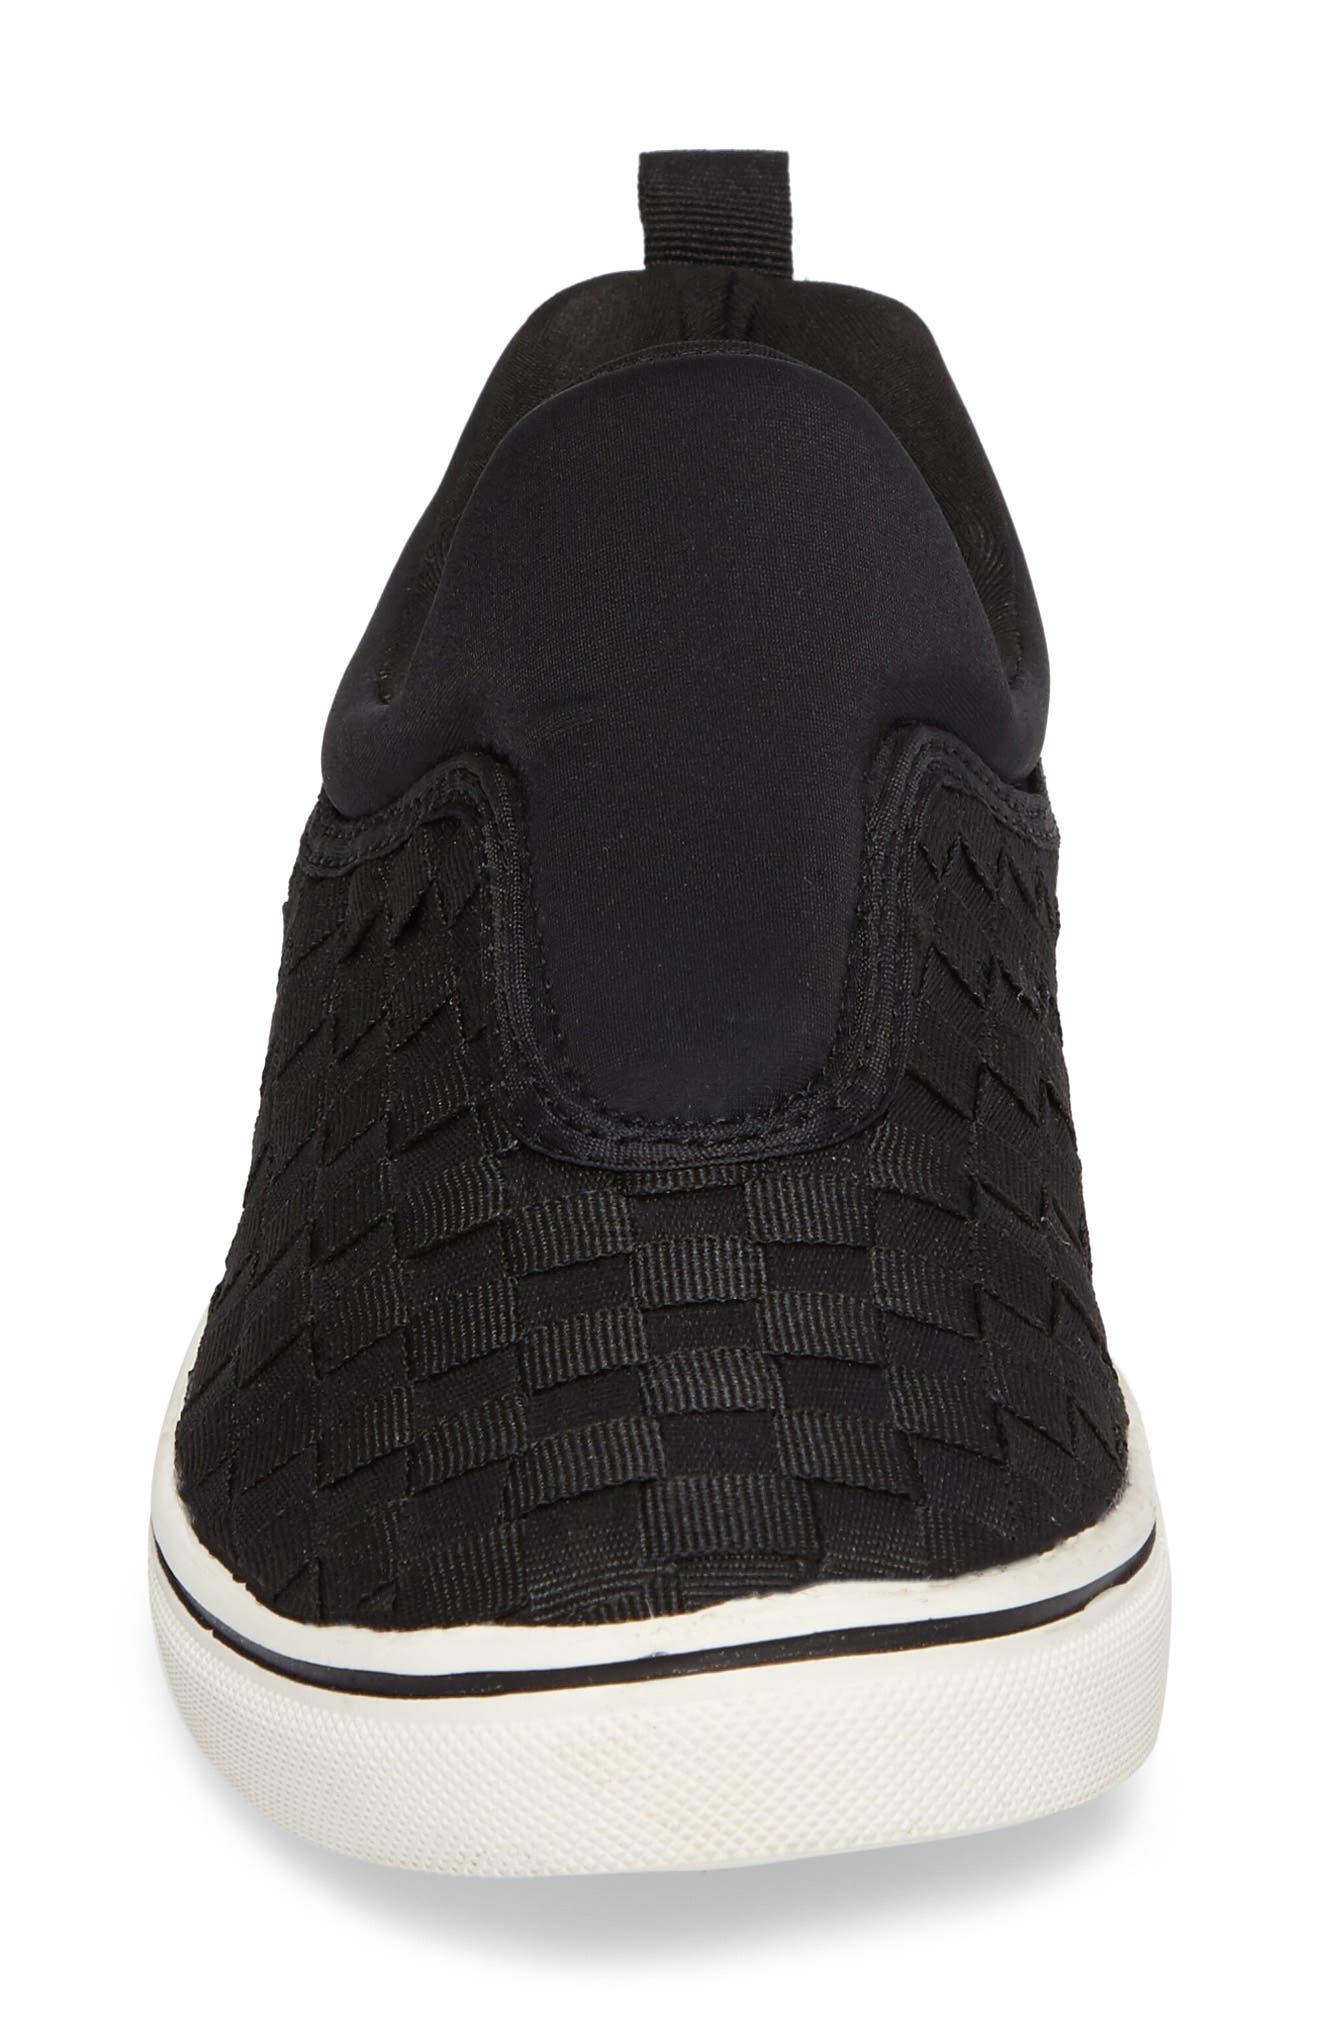 BERNIE MEV., Bernie Mev Joan Slip-On Sneaker, Alternate thumbnail 4, color, BLACK/ BLACK FABRIC